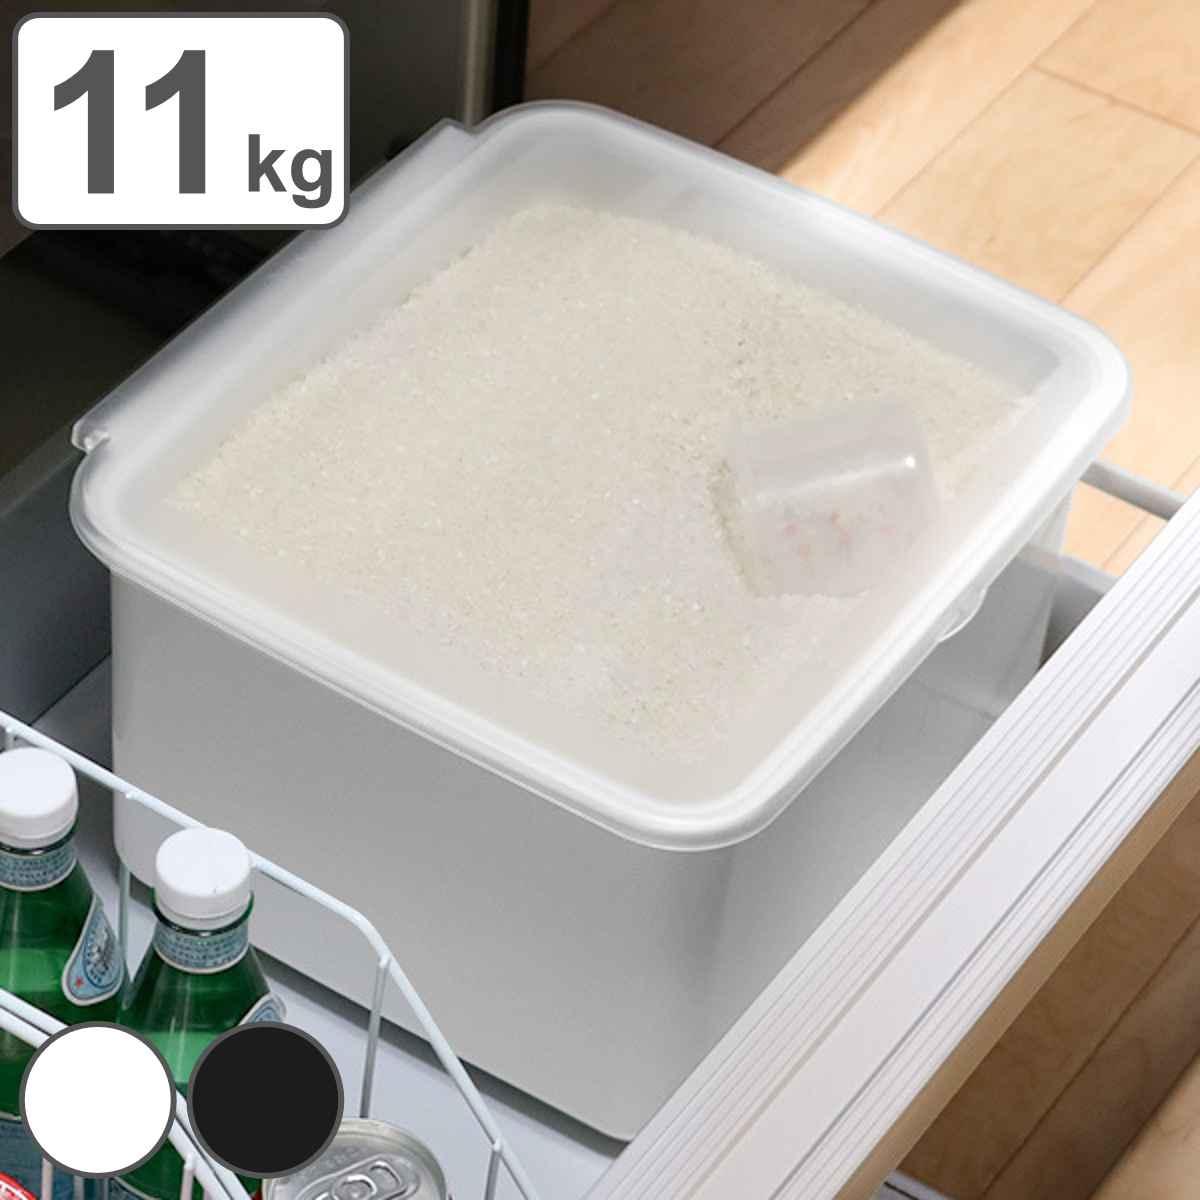 米びつ 10kg用 システムキッチン 引き出し用 Soroelusmart ソロエルスマート ライスボックス 11kg ( ライスストッカー 米櫃 保存 収納 米 シンク下 冷蔵庫 米ストッカー コメビツ 保存容器 お米収納 プラスチック こめびつ 10kg )